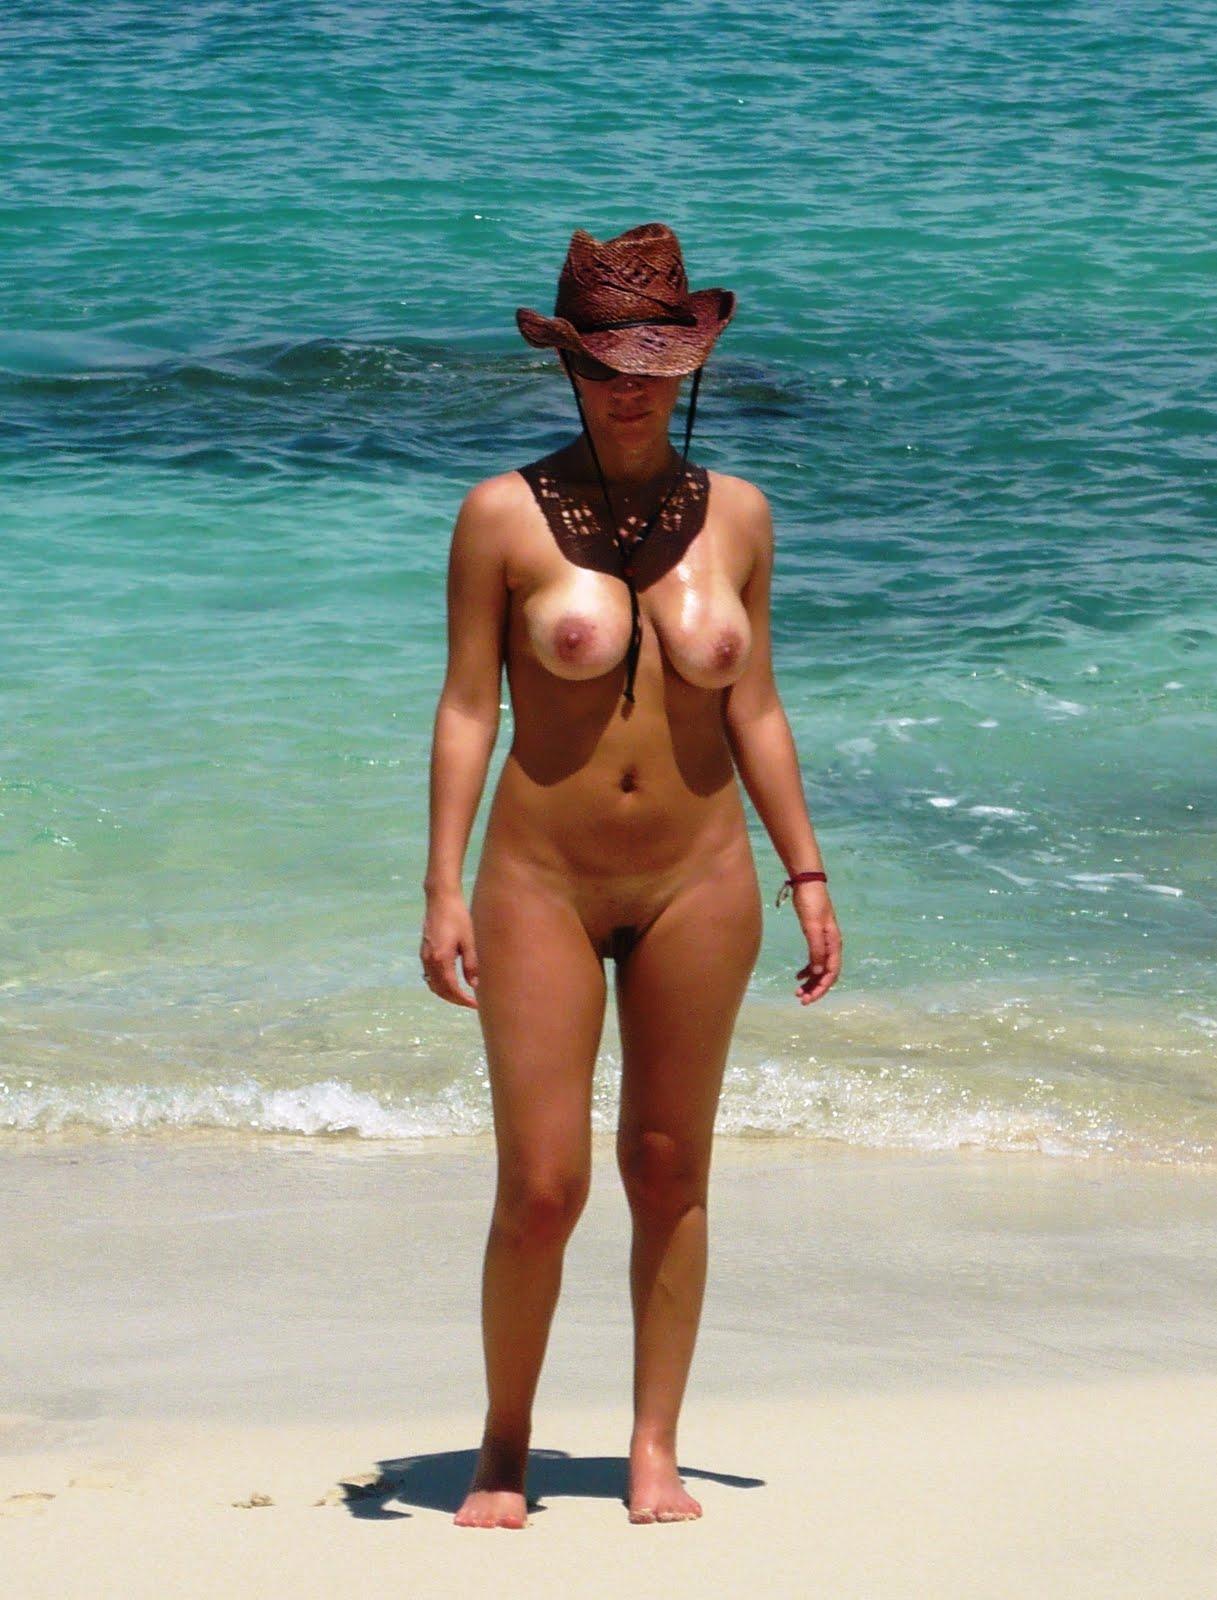 galeria de chicas en playas nudistas: